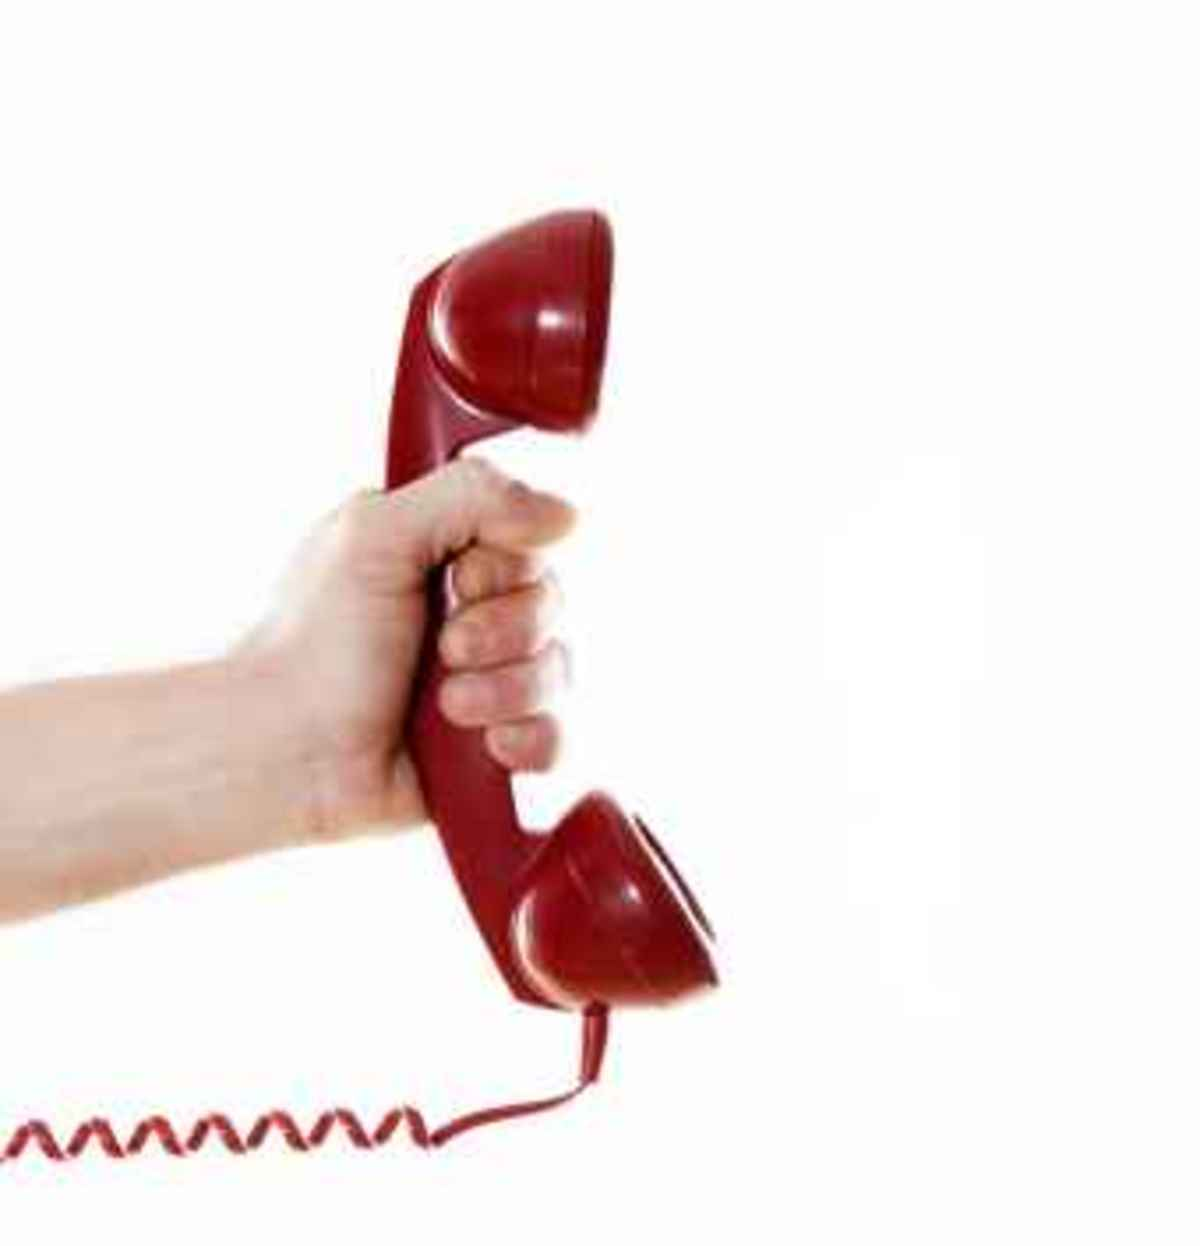 Μειώνονται τα τέλη στα σταθερά τηλέφωνα | Newsit.gr